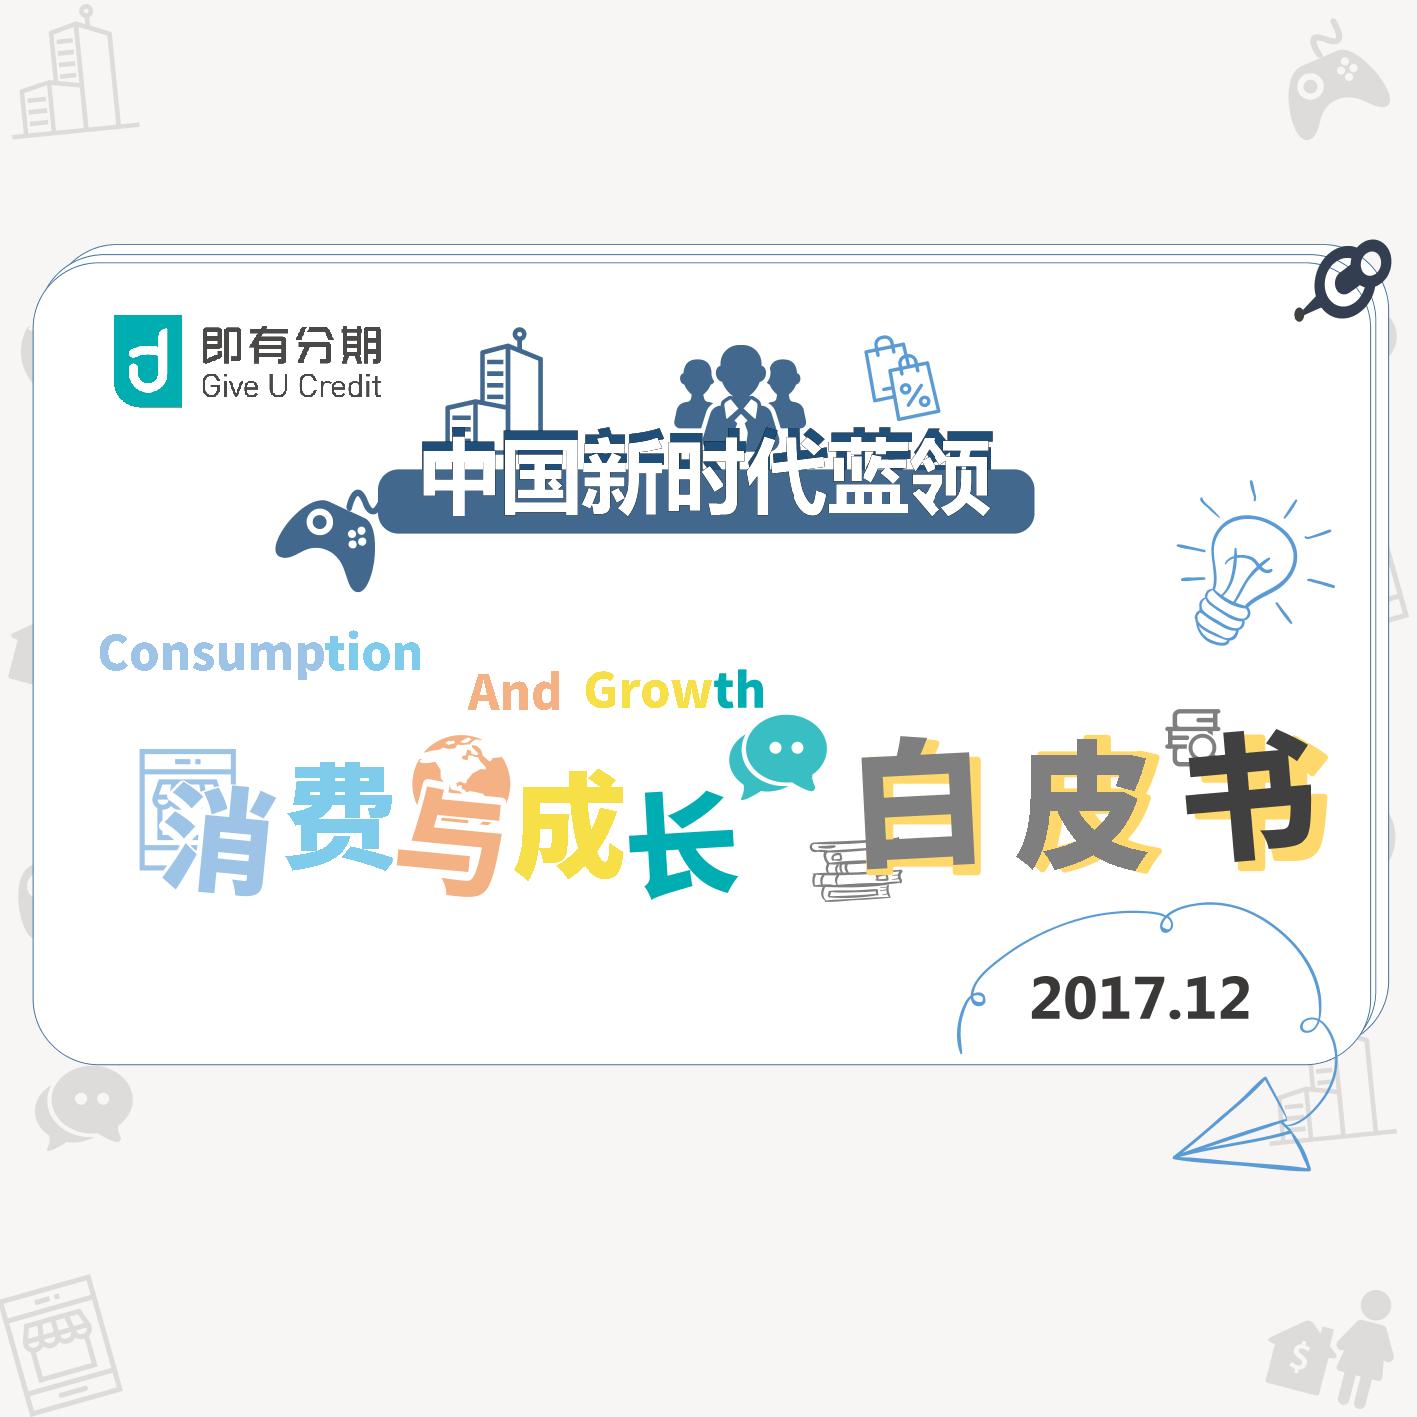 即有分期-2017中国新时代蓝领消费与成长白皮书-2017.12-25页